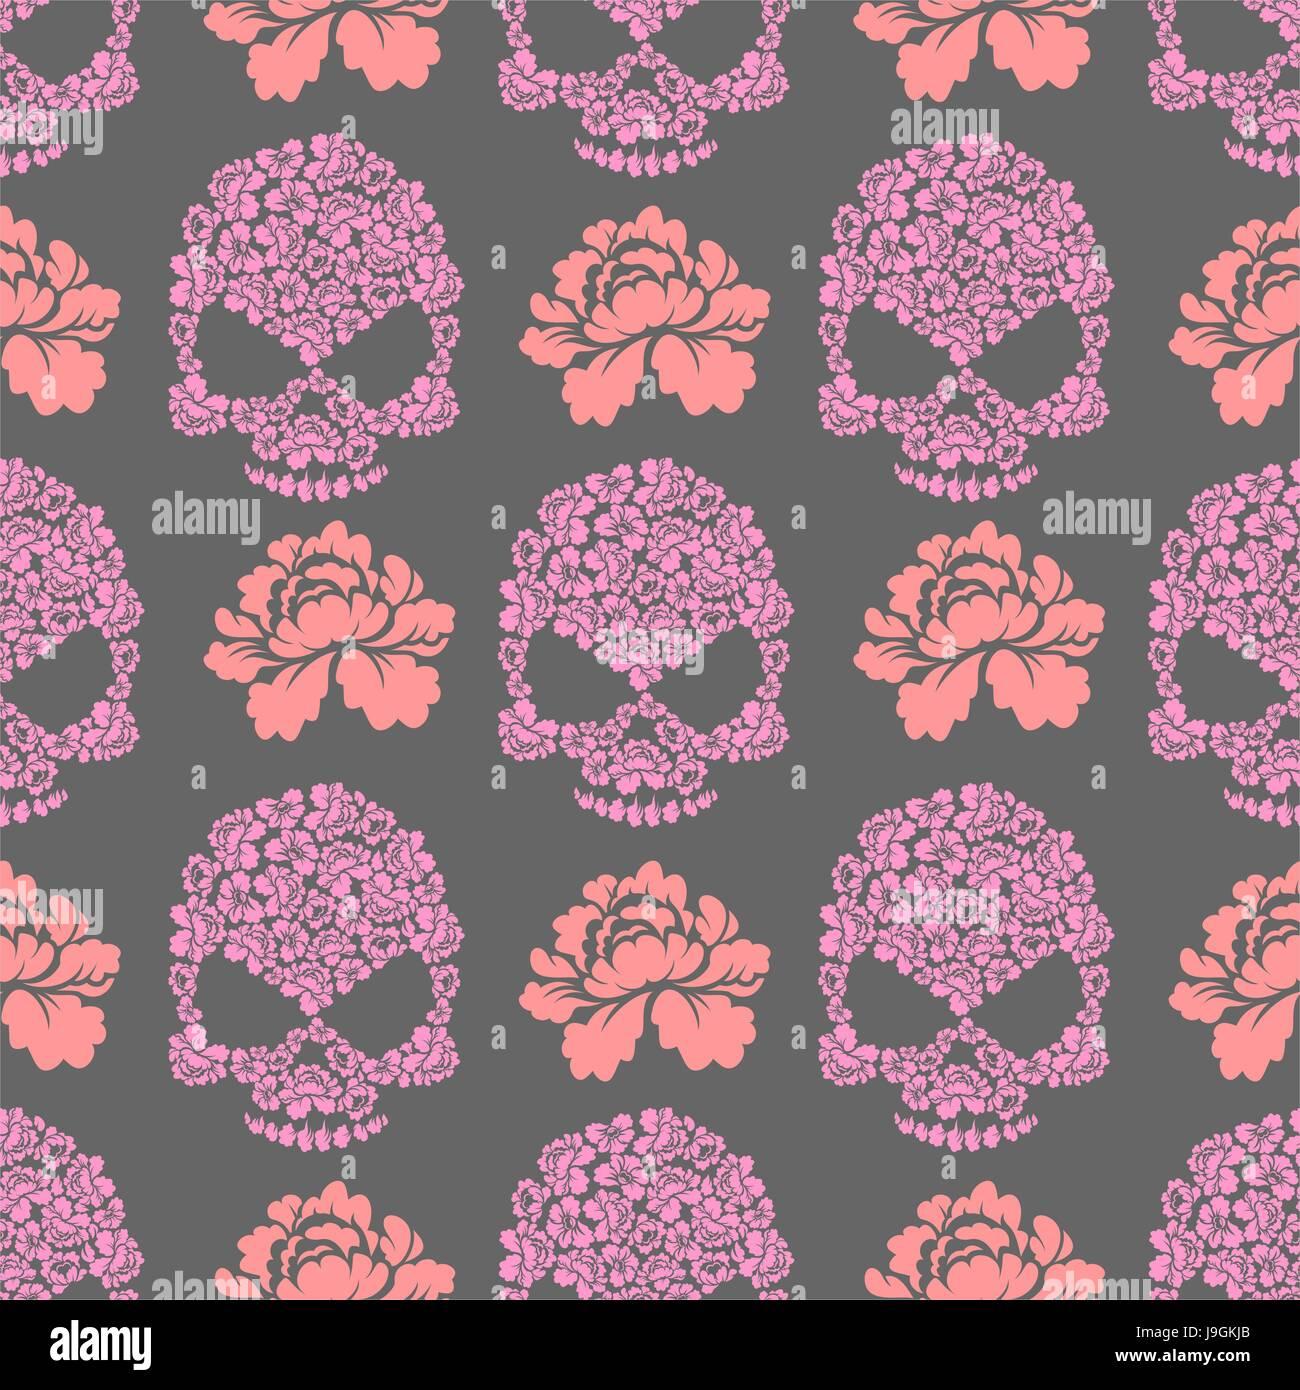 Flower skull seamless pttern skull of pink flowers and roses stock flower skull seamless pttern skull of pink flowers and roses ornament beautiful flora texture mightylinksfo